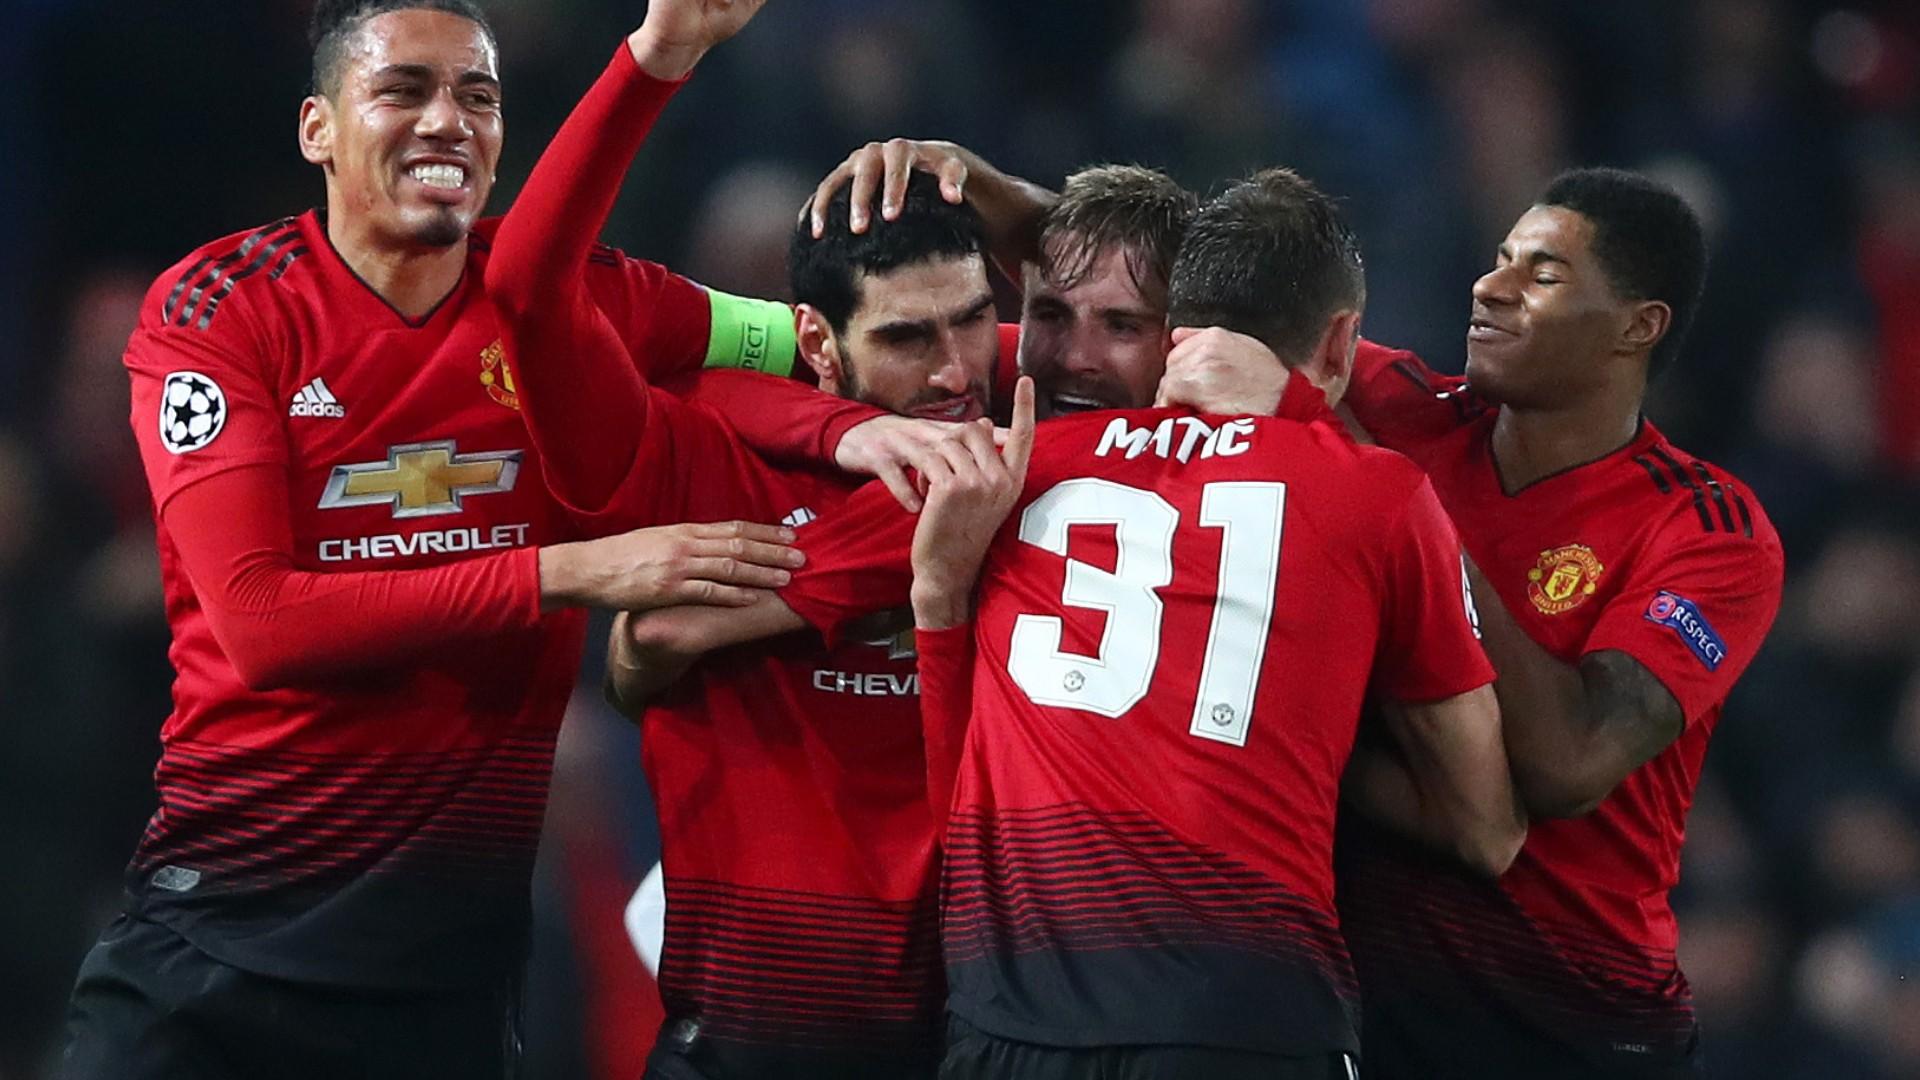 Kỷ lục khó tin nào Man Utd phải phá vỡ để trở lại Top 4 Ngoại hạng Anh? - Ảnh 1.